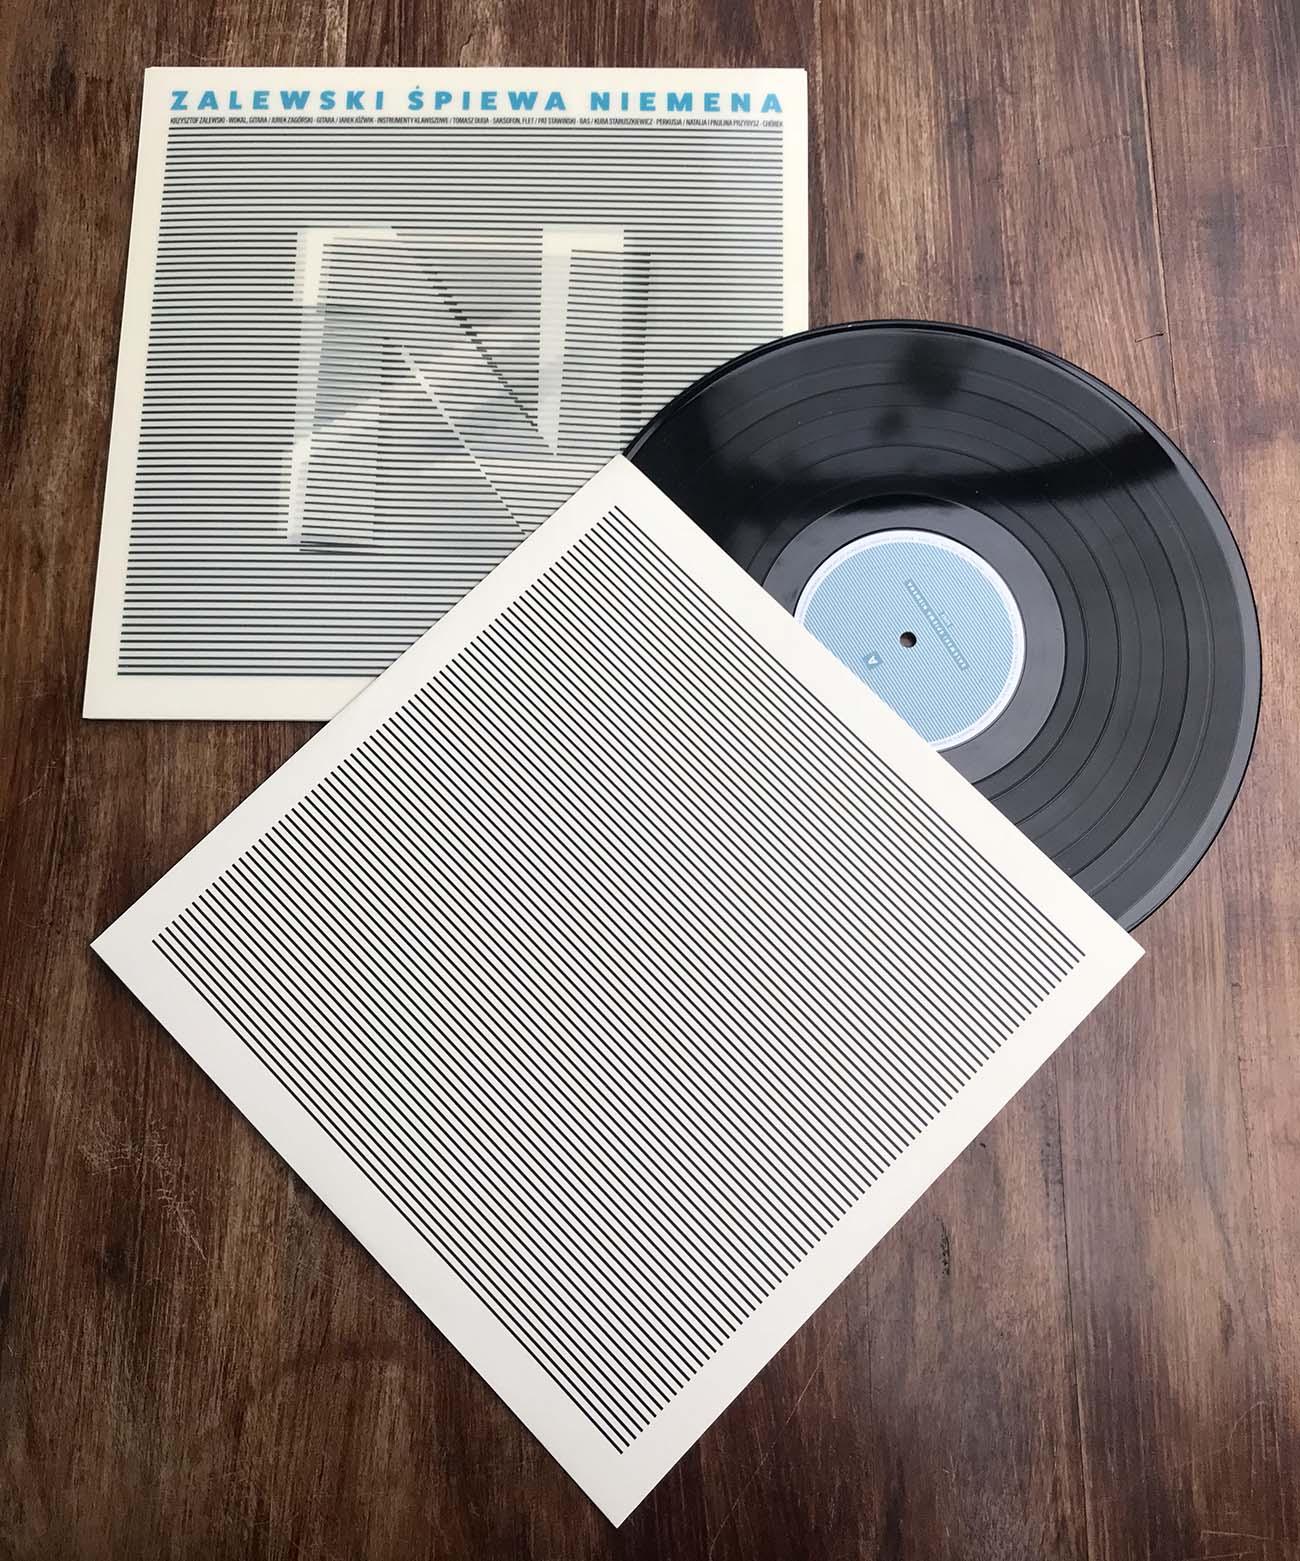 zalewski spiewa niemena vinyl